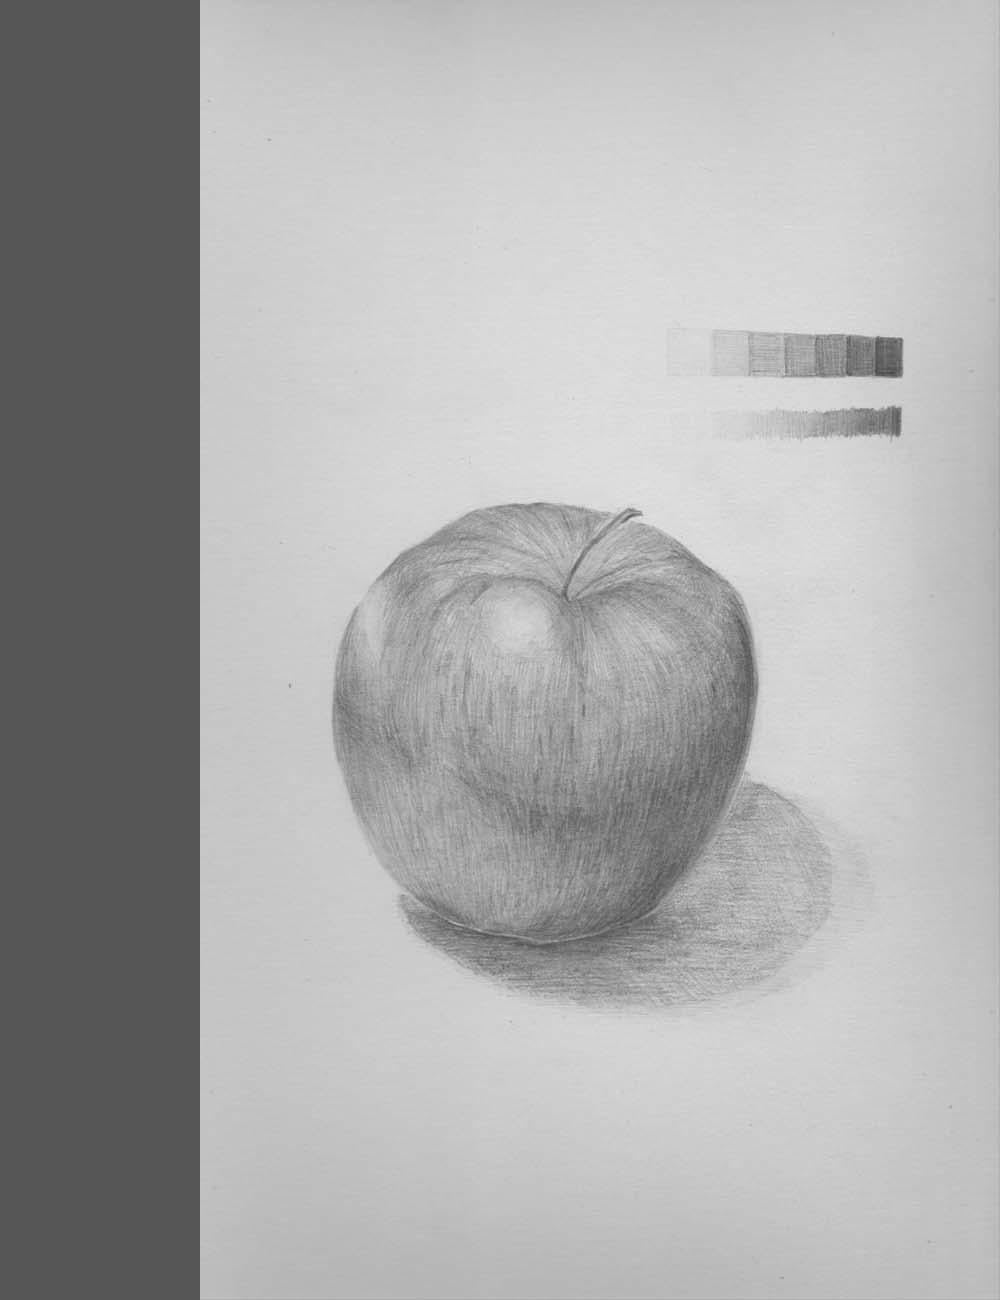 リンゴ1個です